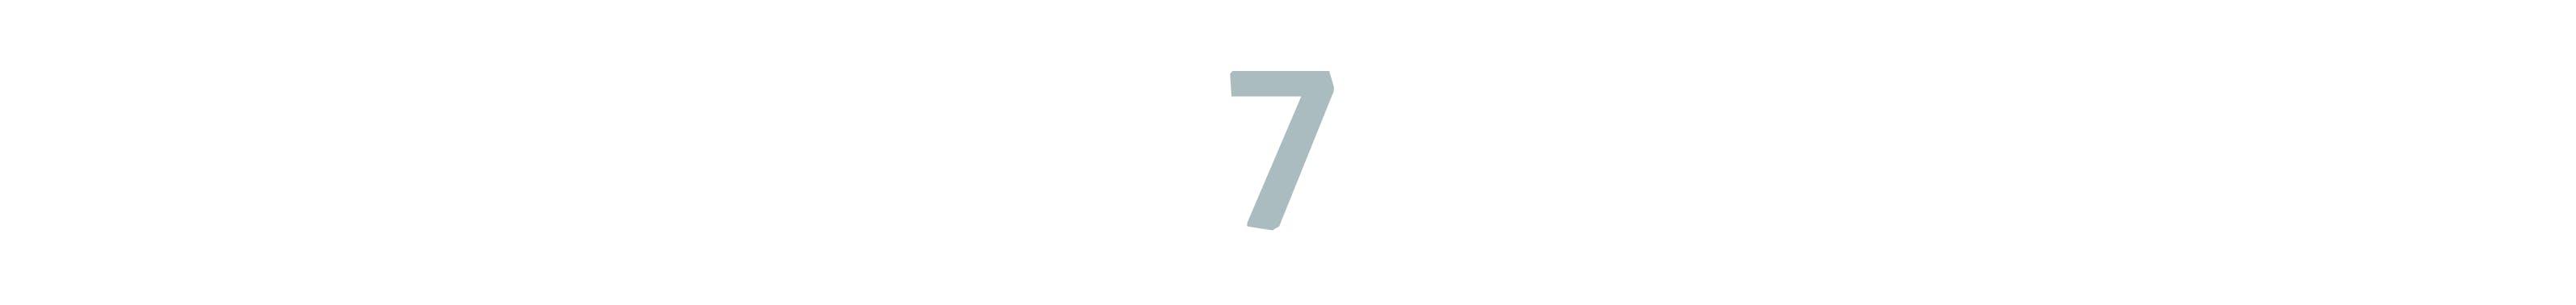 Zahl_7